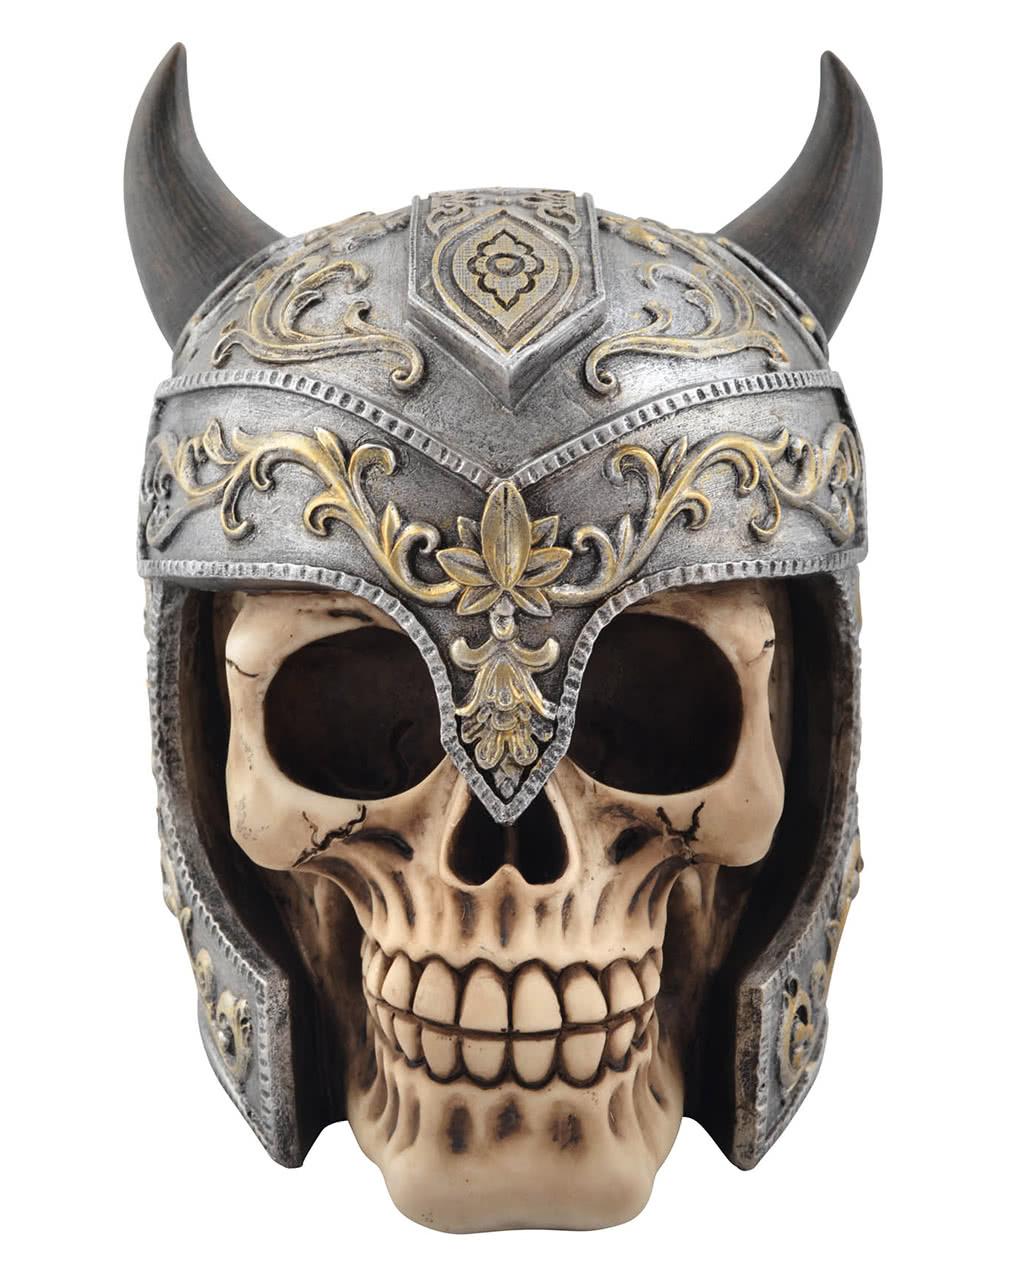 Totenkopf  Schädel Halloween Gothic und Steampunk Polyresin Figur